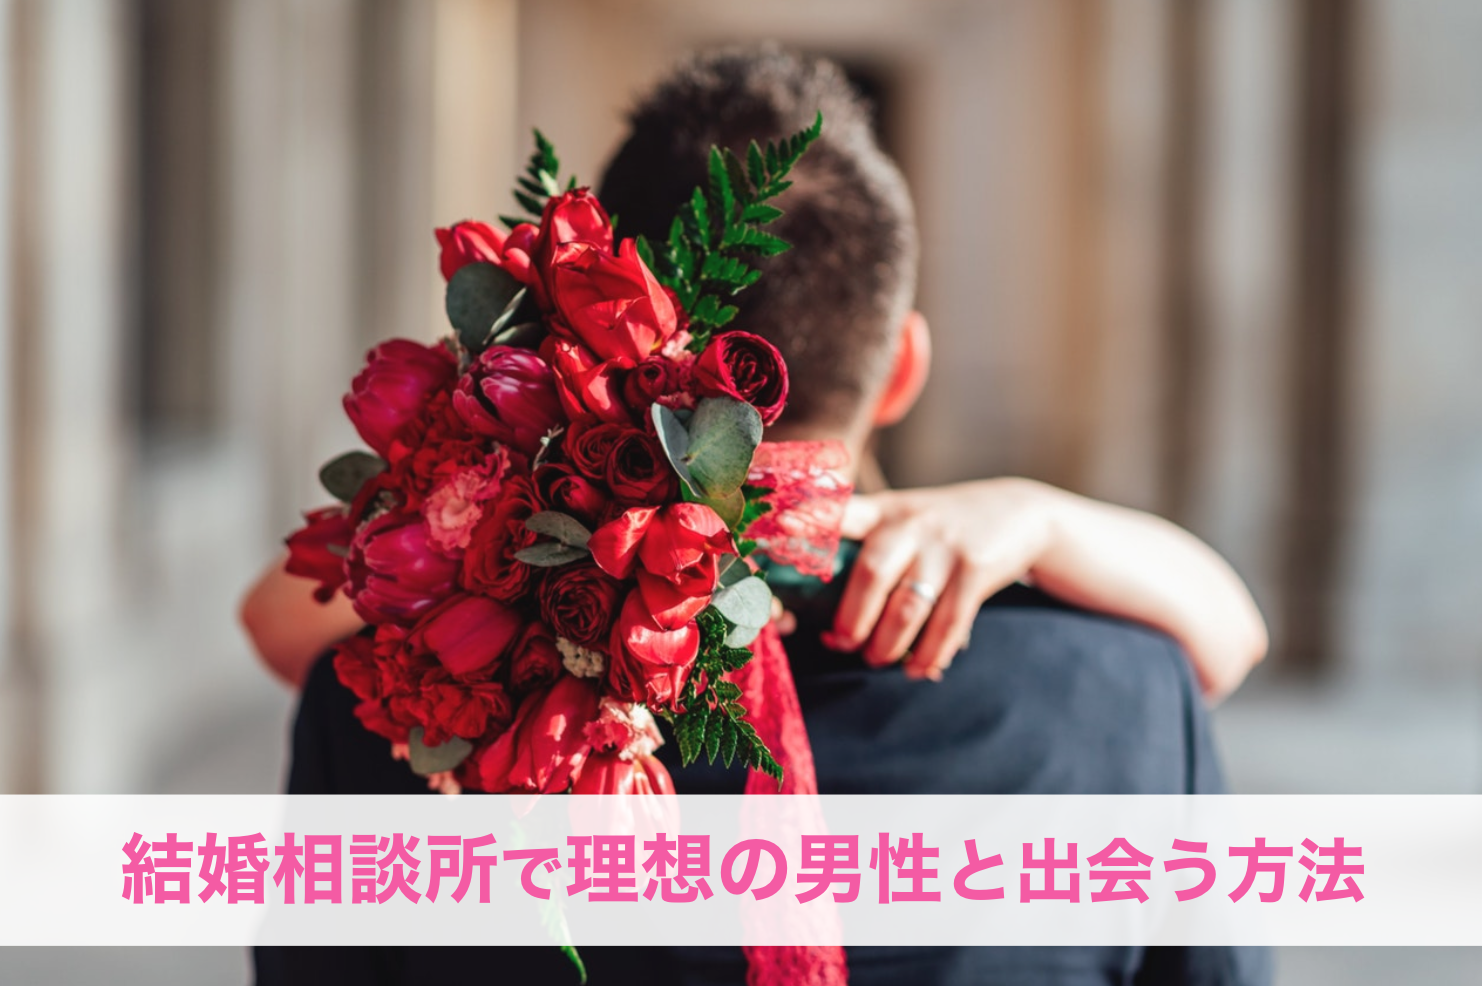 結婚相談所で理想の男性と出会う方法